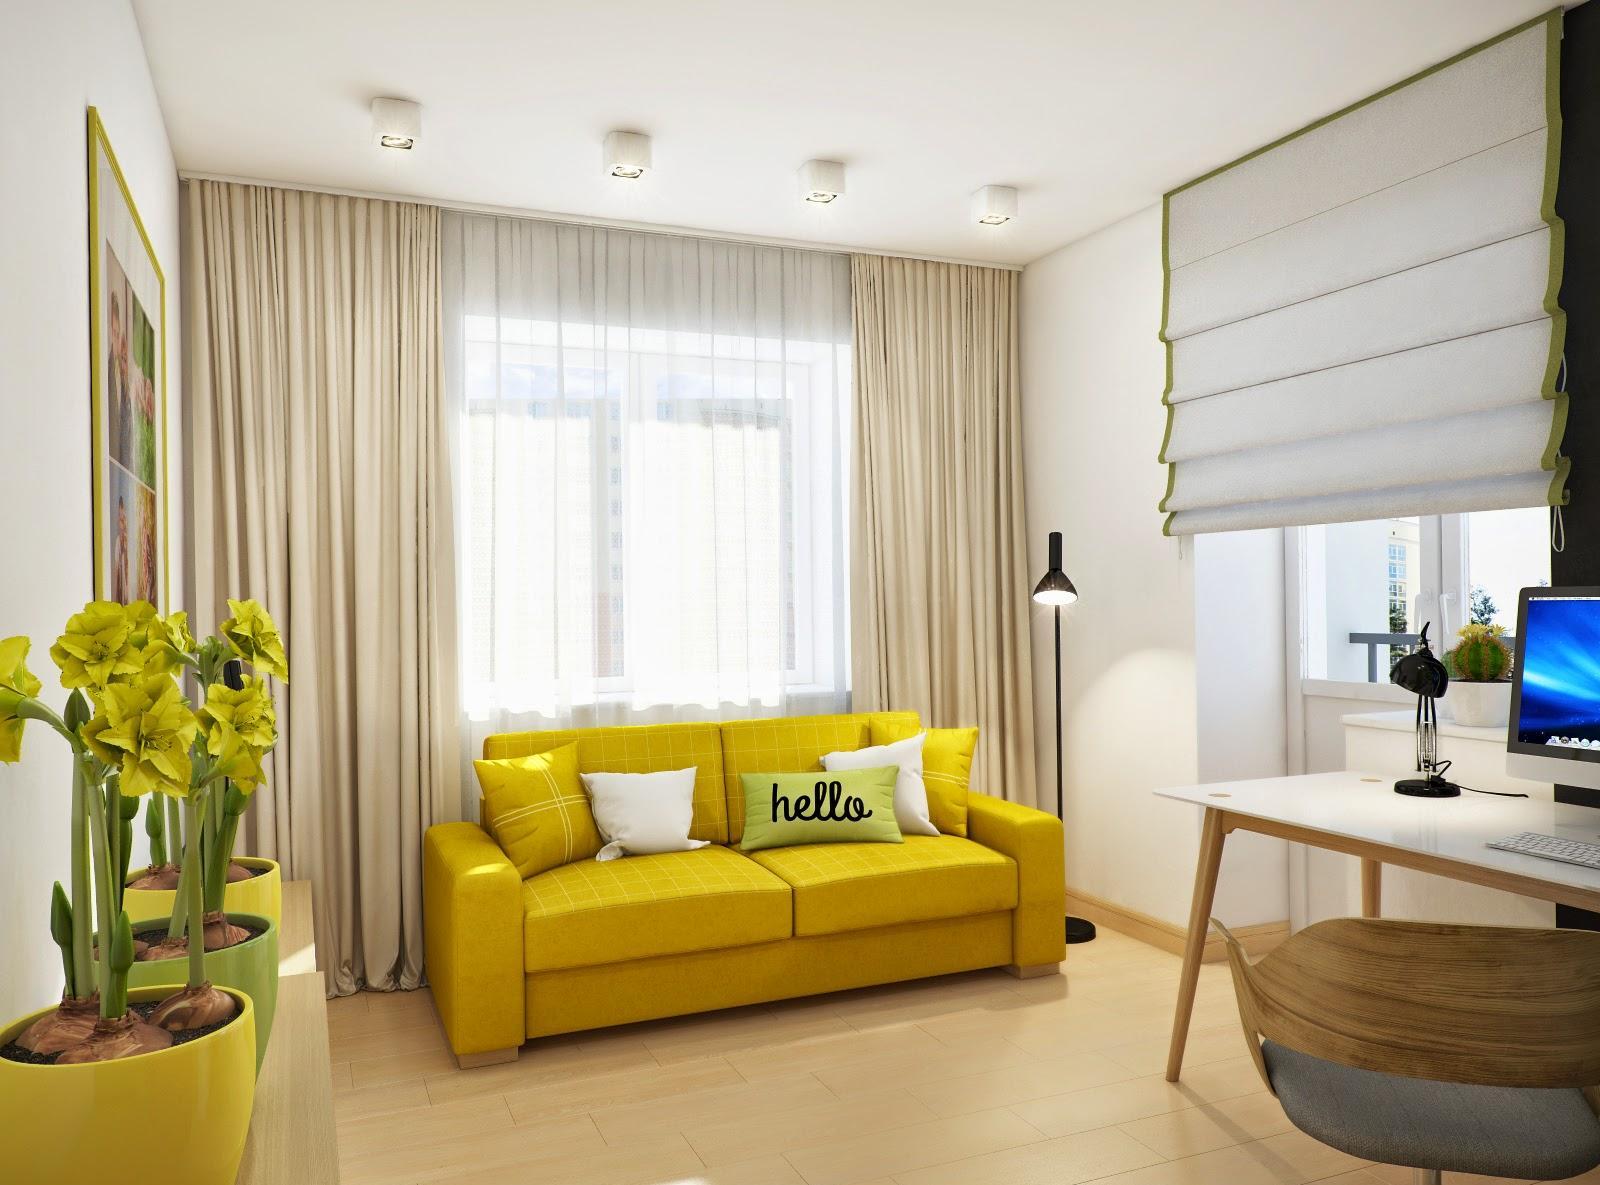 Желтый диван и цветочные горшки в кабинете